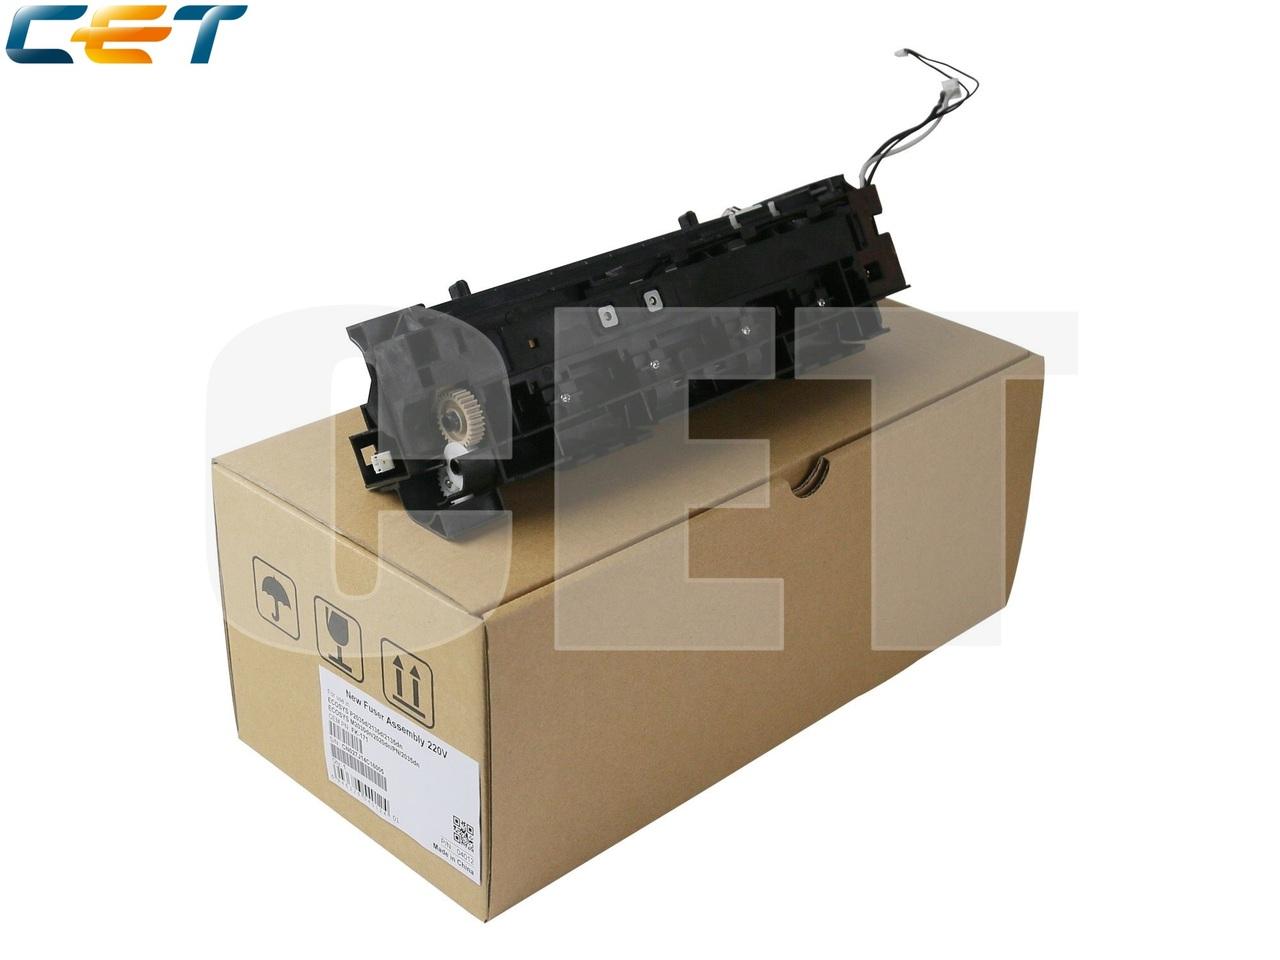 Фьюзер (печка) в сборе FK-171 для KYOCERA ECOSYSP2035D/2135D/M2030DN/M2035DN (CET), CET4012